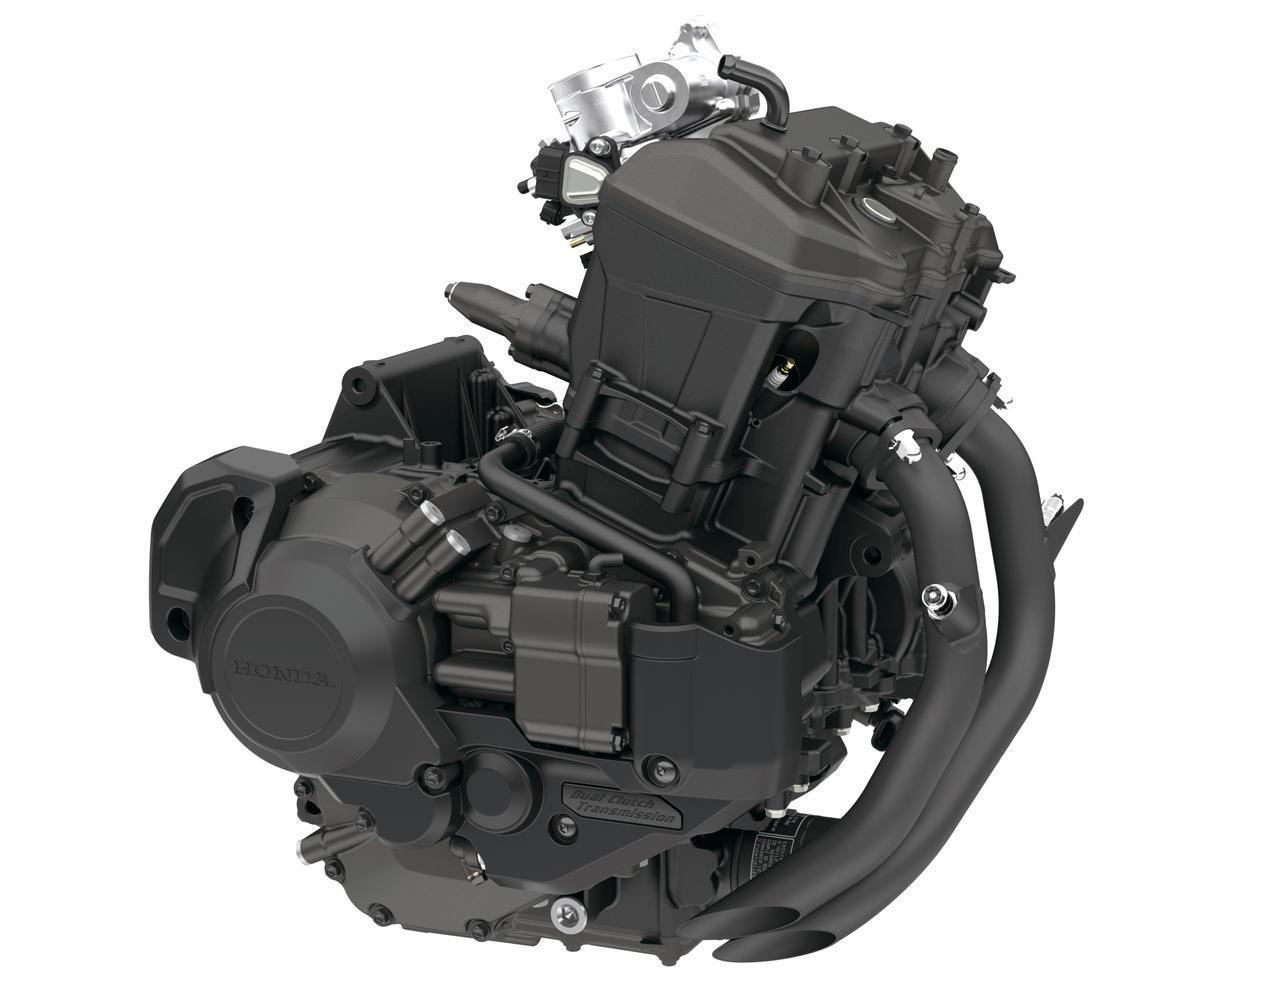 画像: より詳しい各部解説はこちら|ホンダ「レブル1100DCT」 - webオートバイ